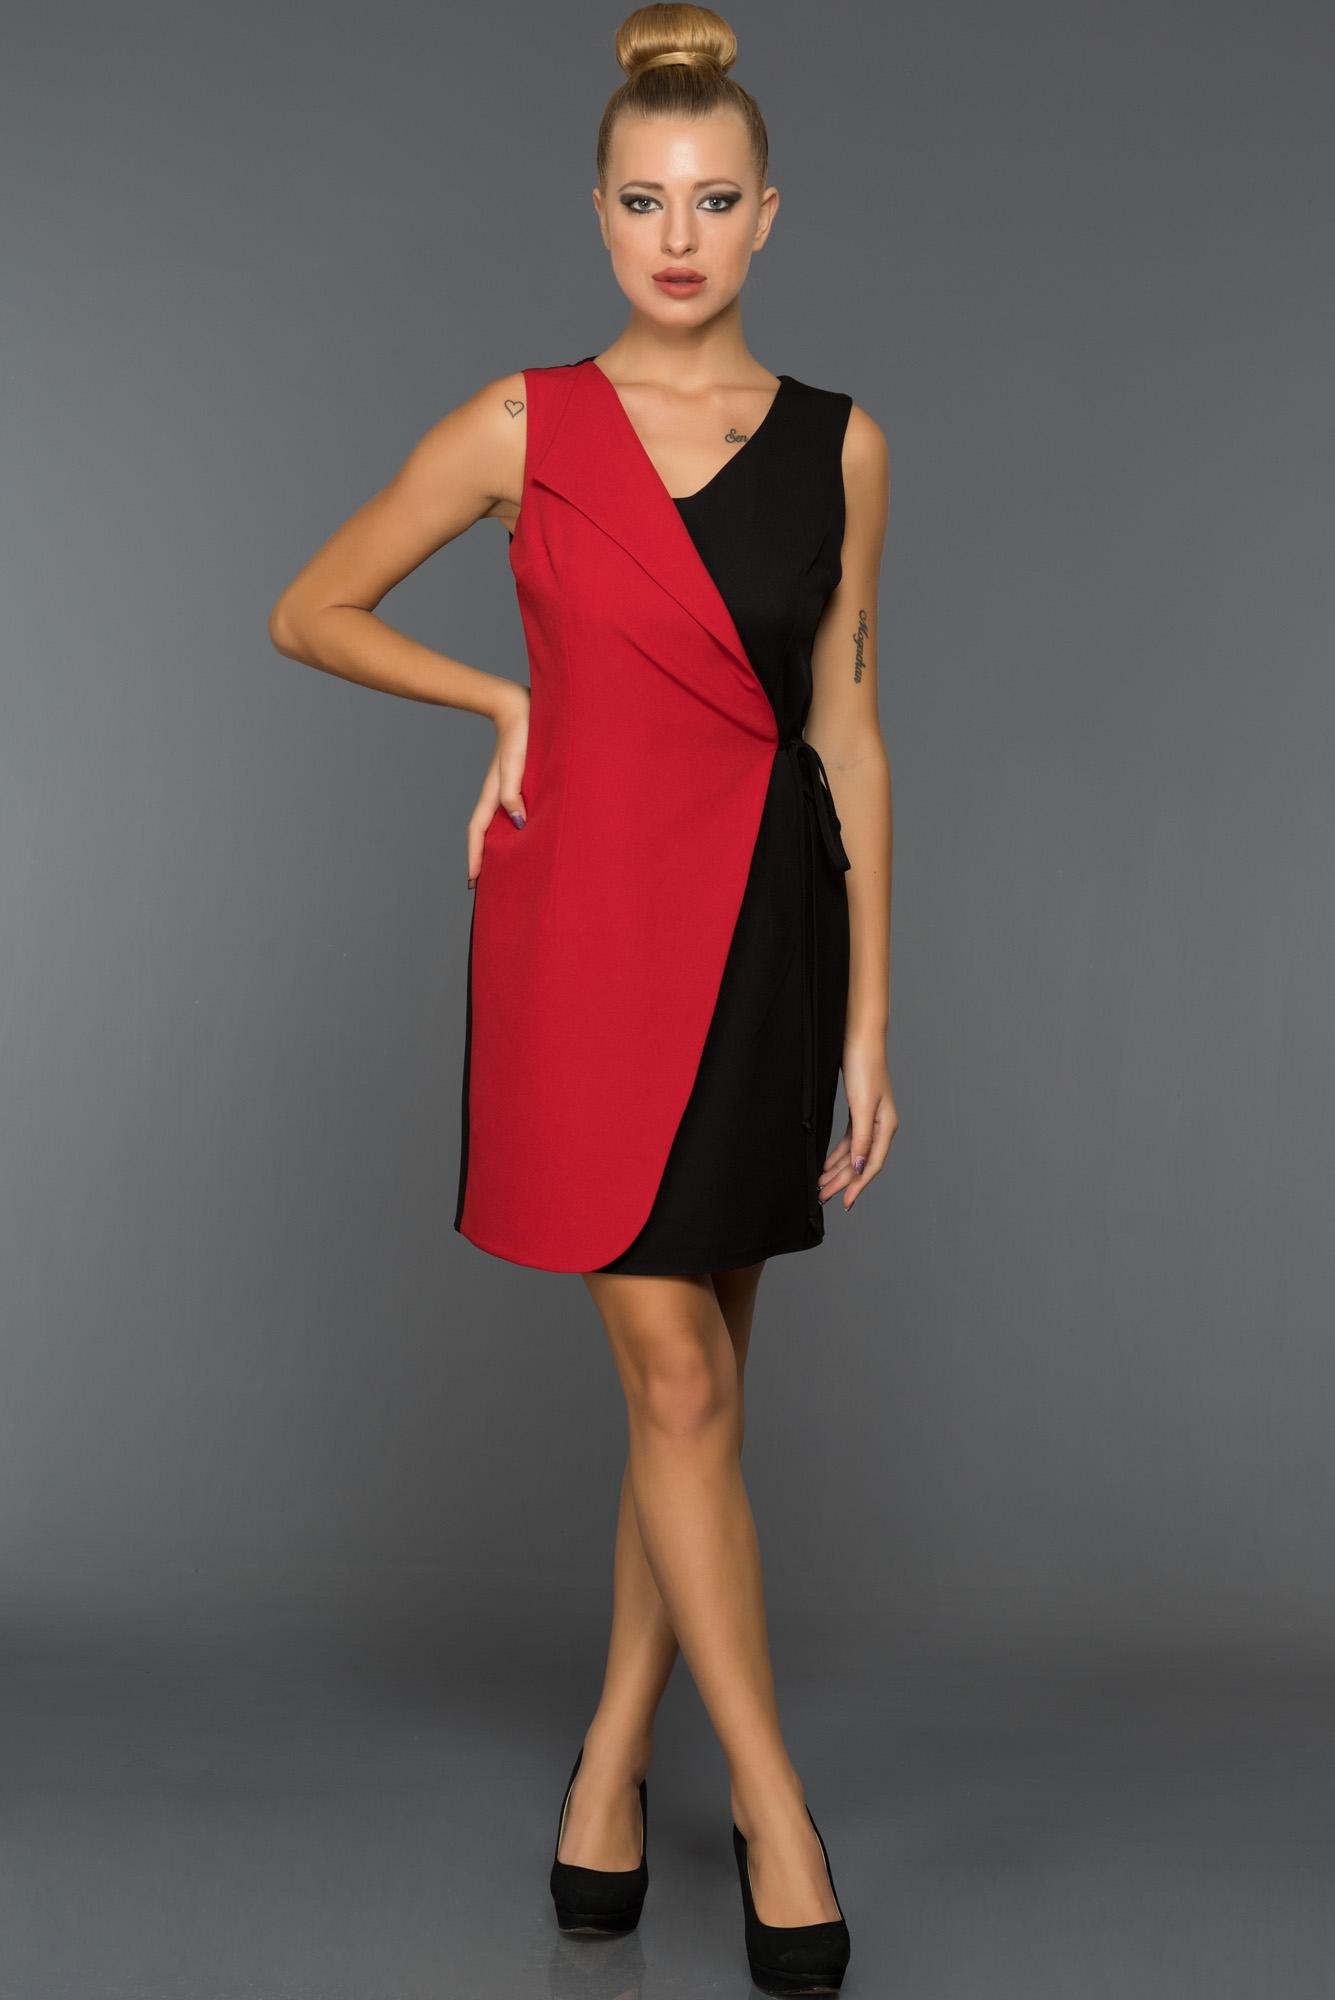 Kısa Siyah-Kırmızı Iki Renk Elbise